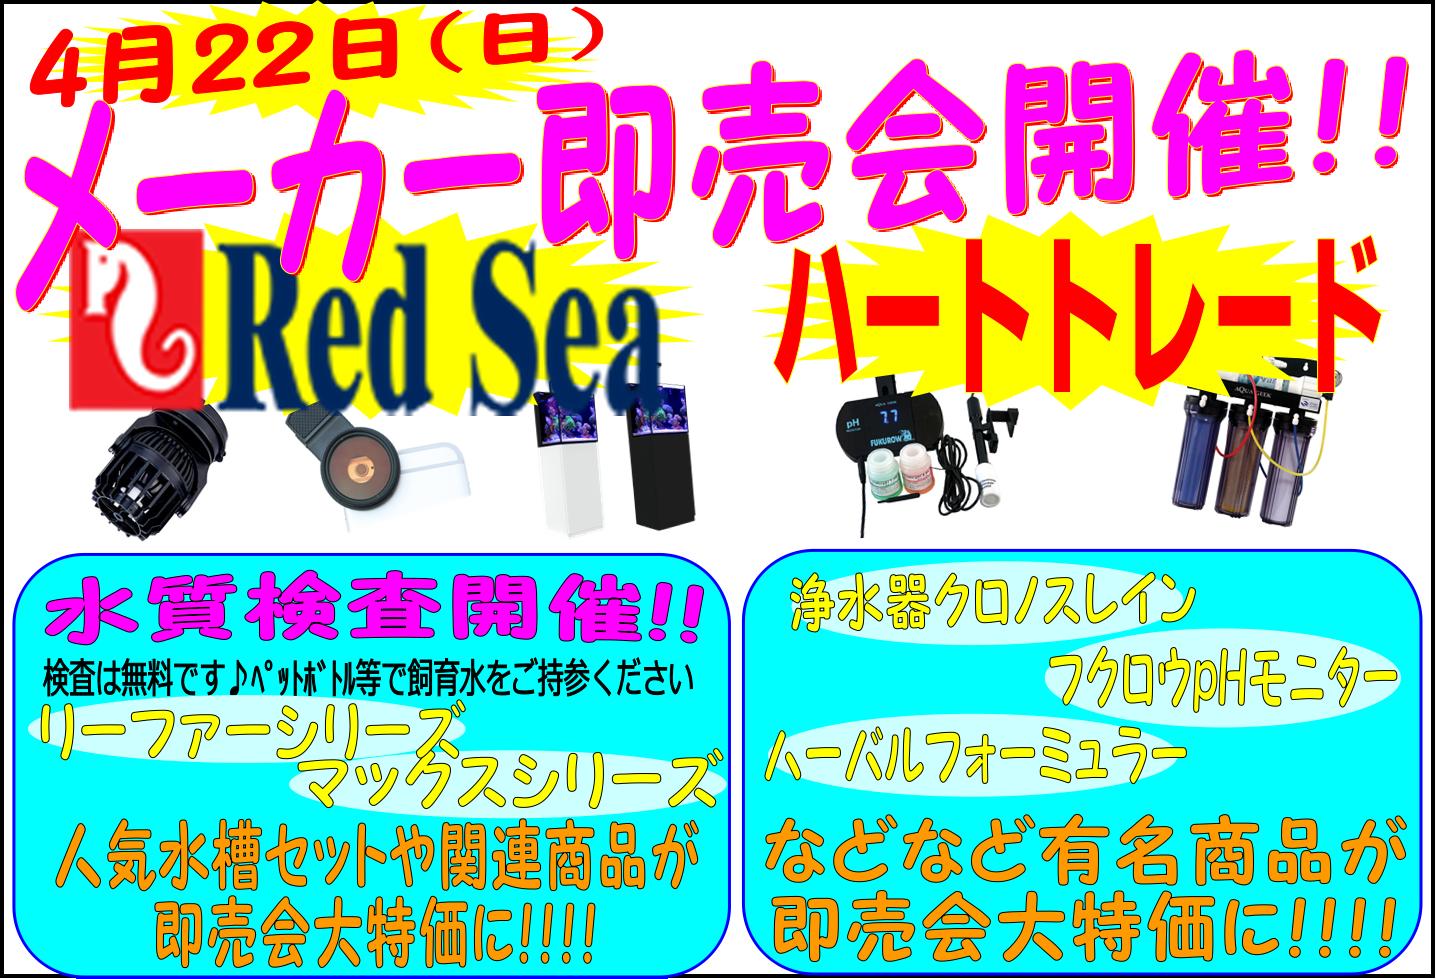 明日はインター店メーカー即売会in海水